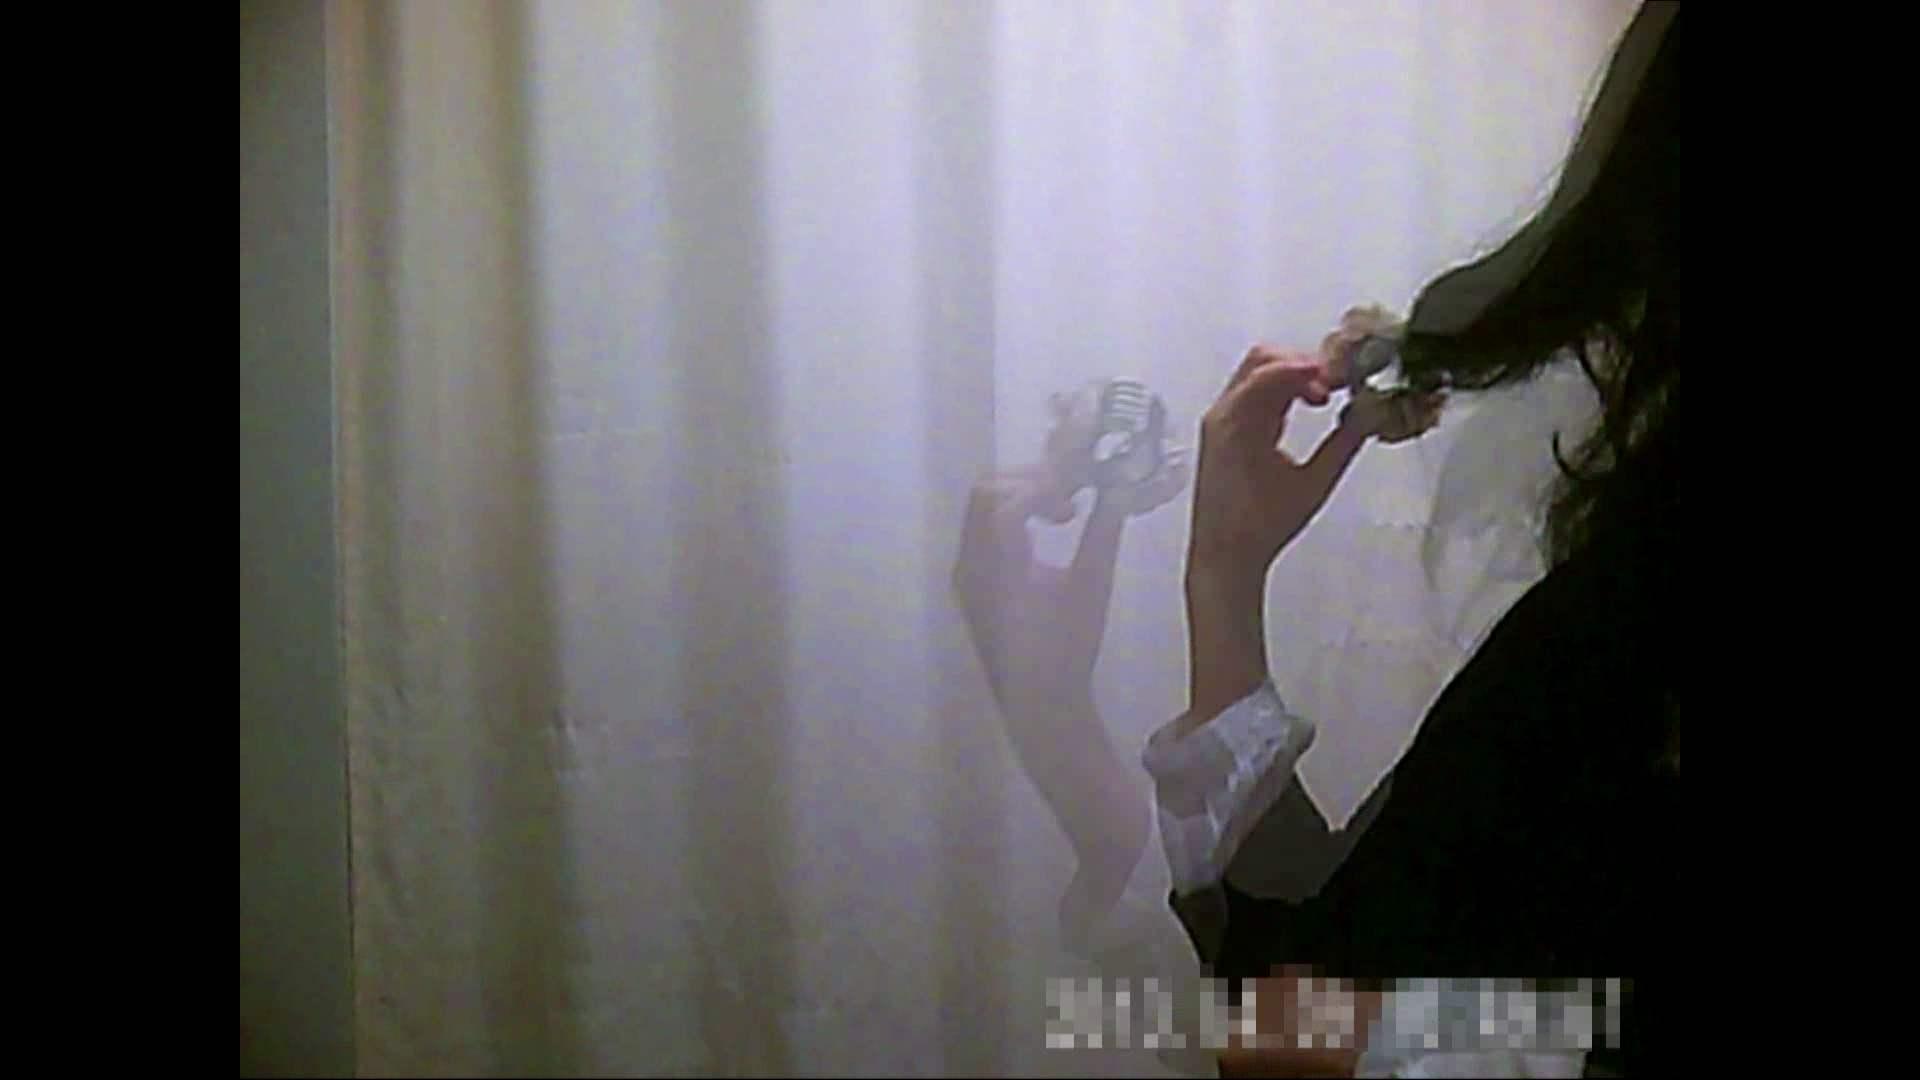 元医者による反抗 更衣室地獄絵巻 vol.097 OLハメ撮り  39Pix 35